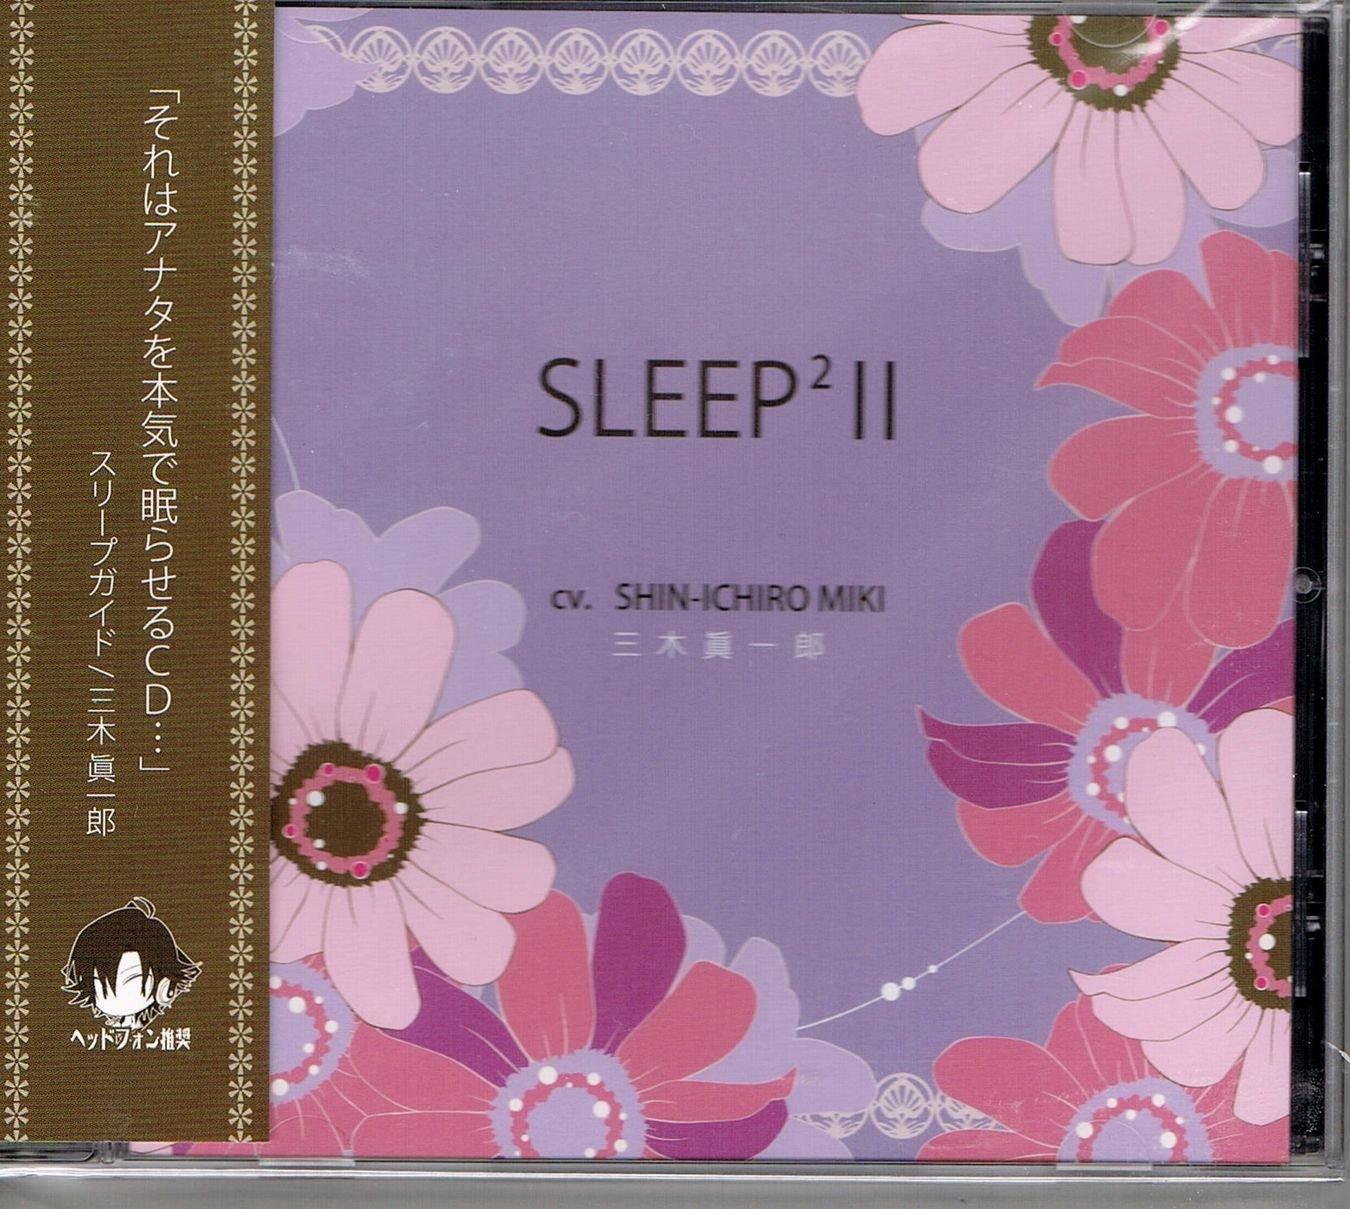 SLEEP×2 II B00B5M9AKI